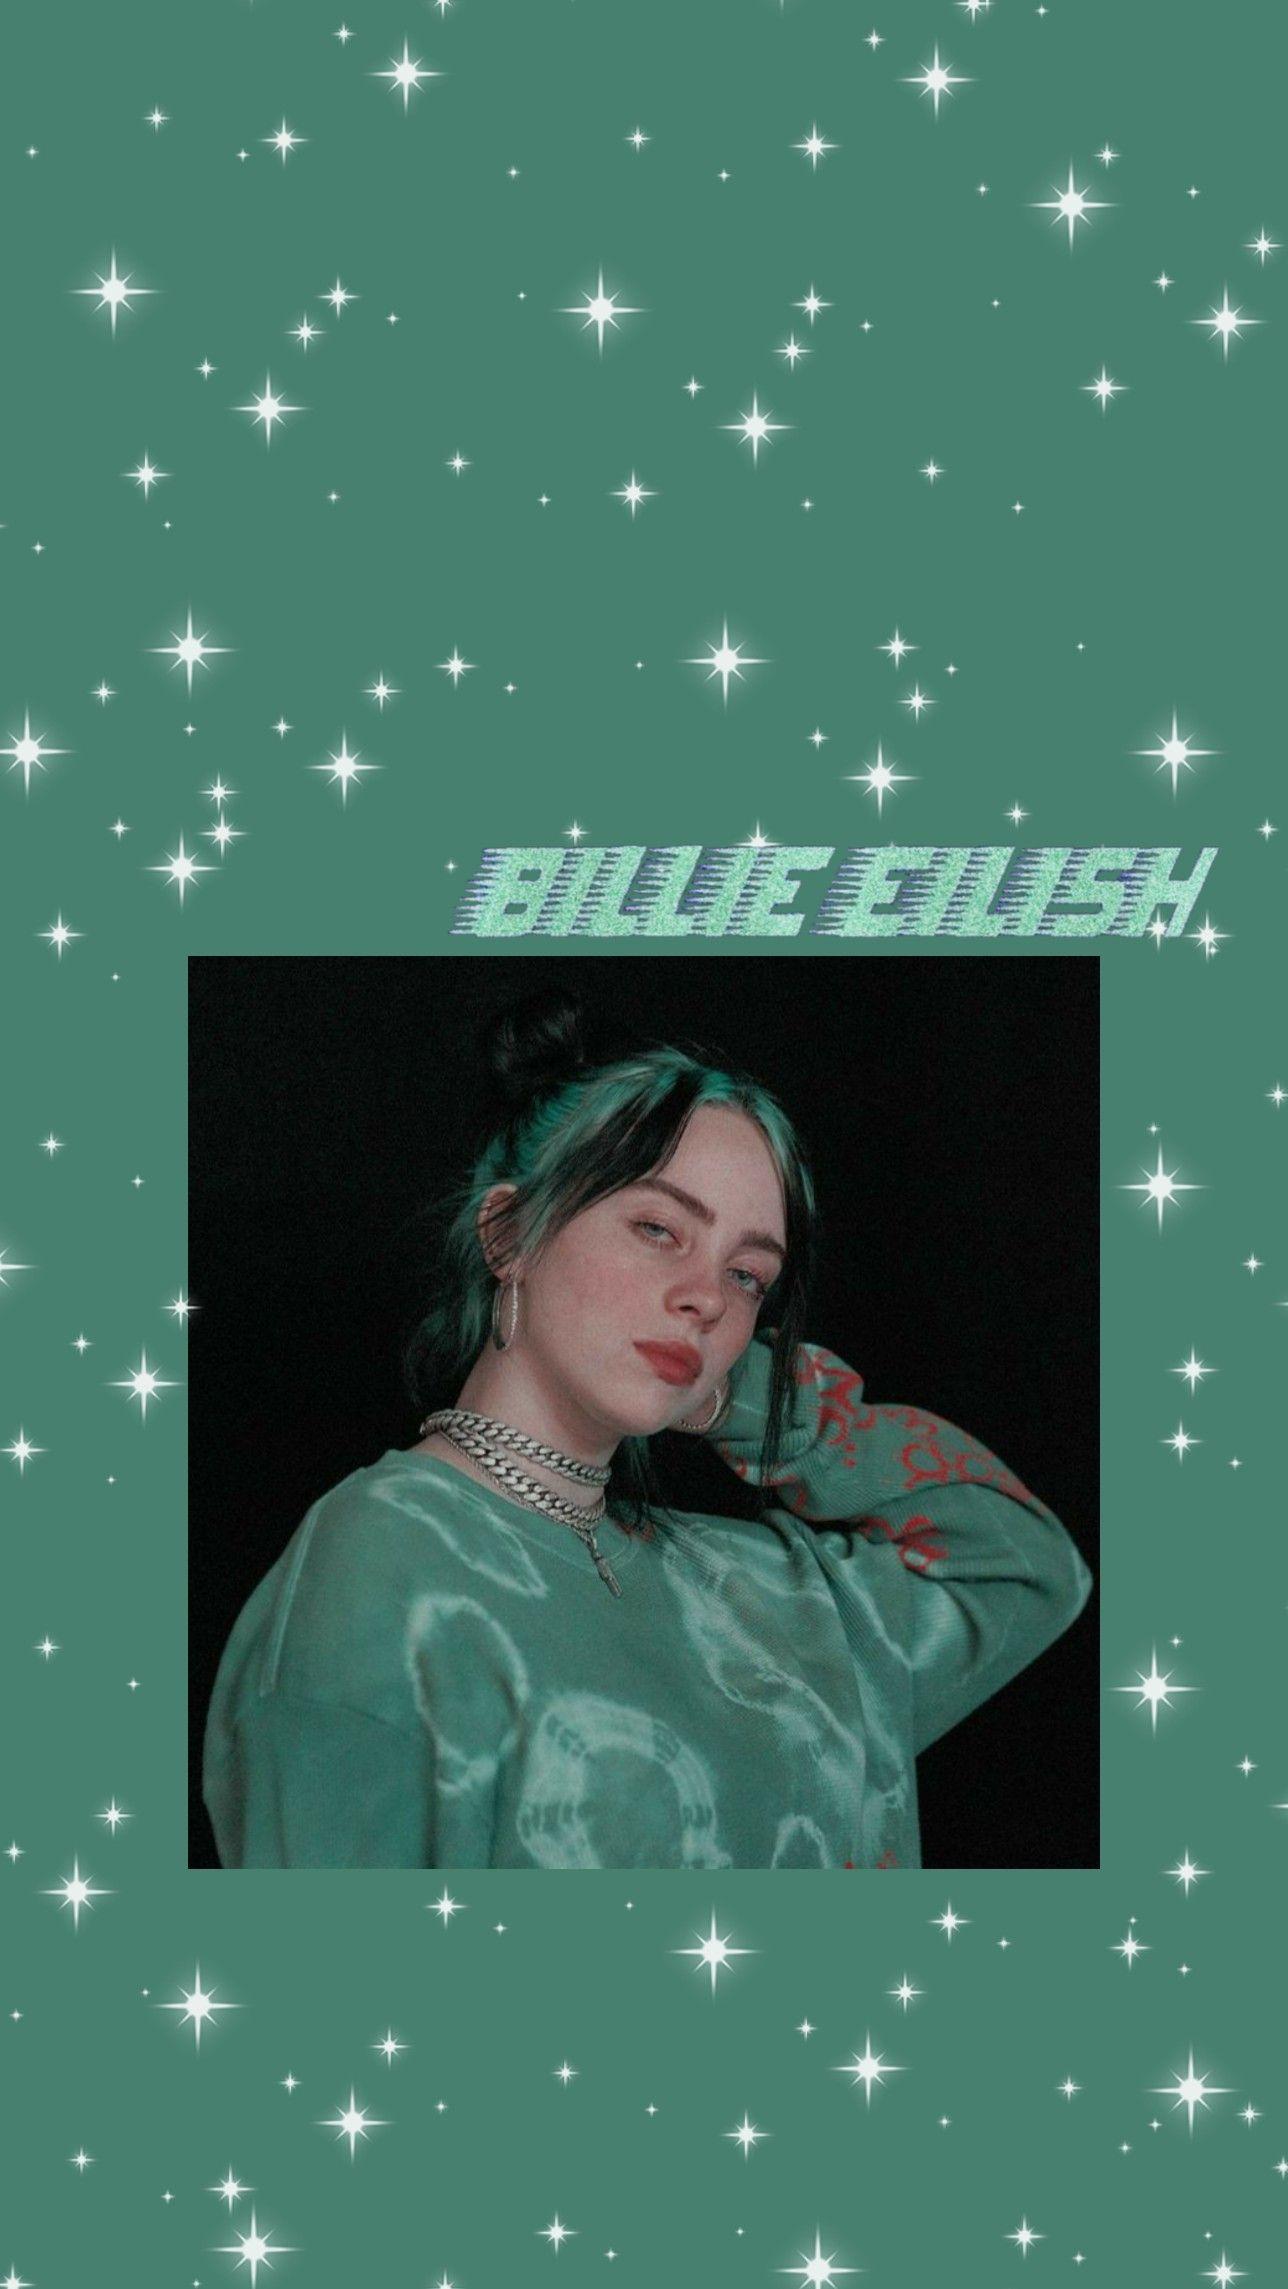 Billie Eilish Green Aesthetic Wallpaper In 2020 Green Aesthetic Billie Eilish Billie